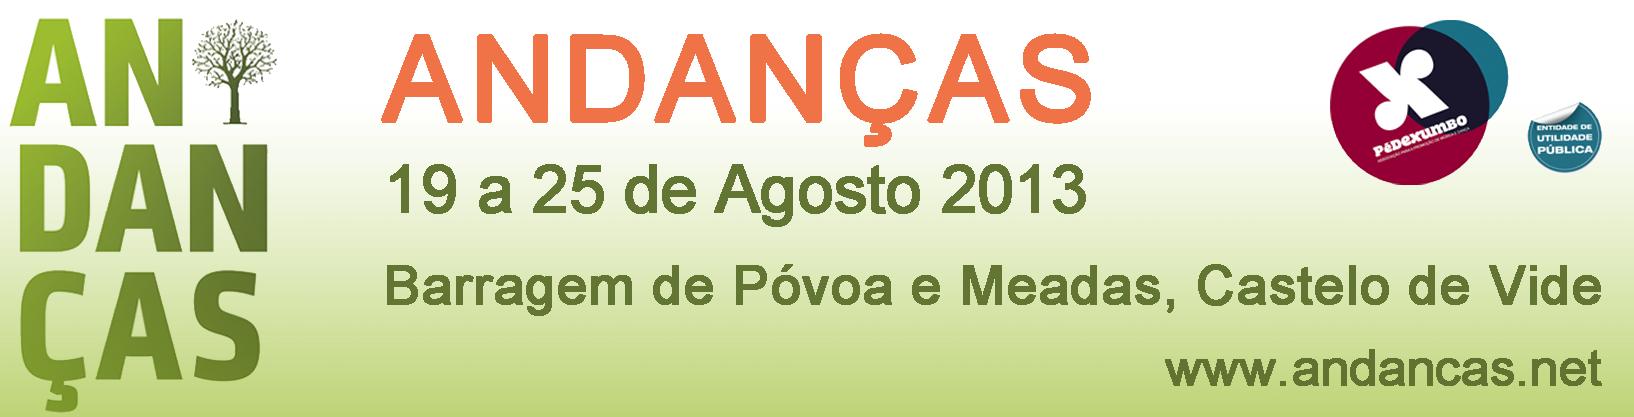 Parceria Boleia.net e o festival Andanças